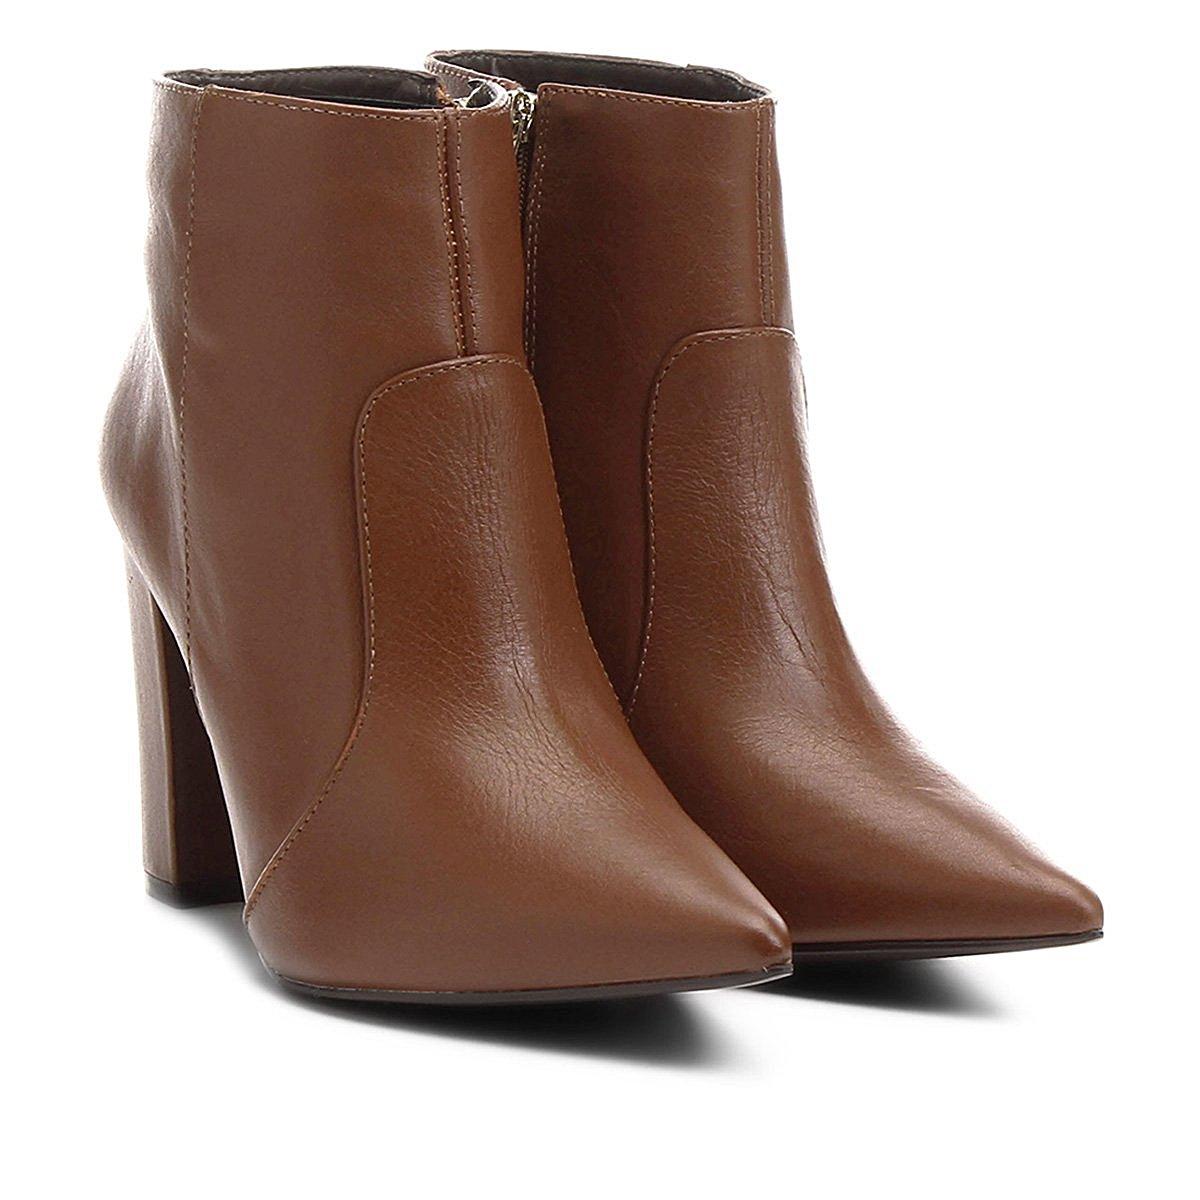 a669fdcd6c Bota Couro Shoestock Curta Bico Fino Salto Grosso Feminina - Compre Agora